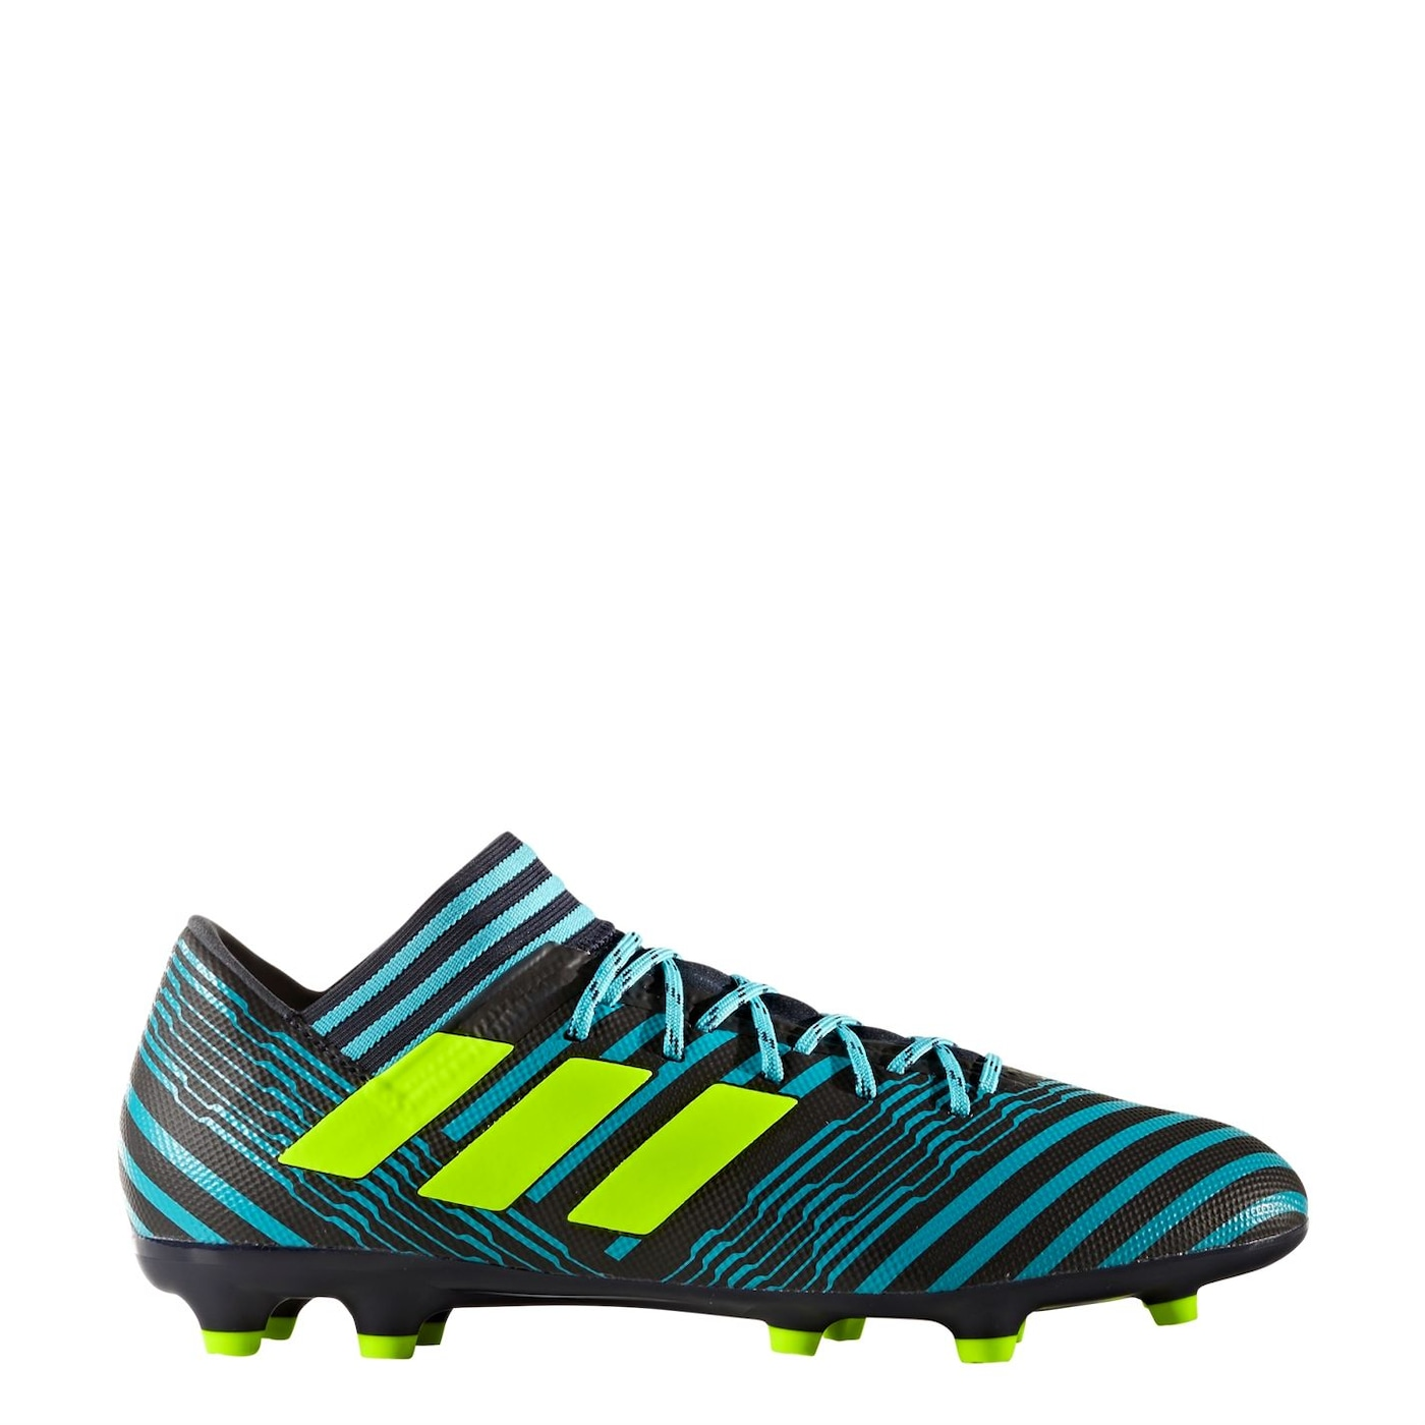 Adidas Nemeziz 17.3 Firm Ground Mens Football Boots